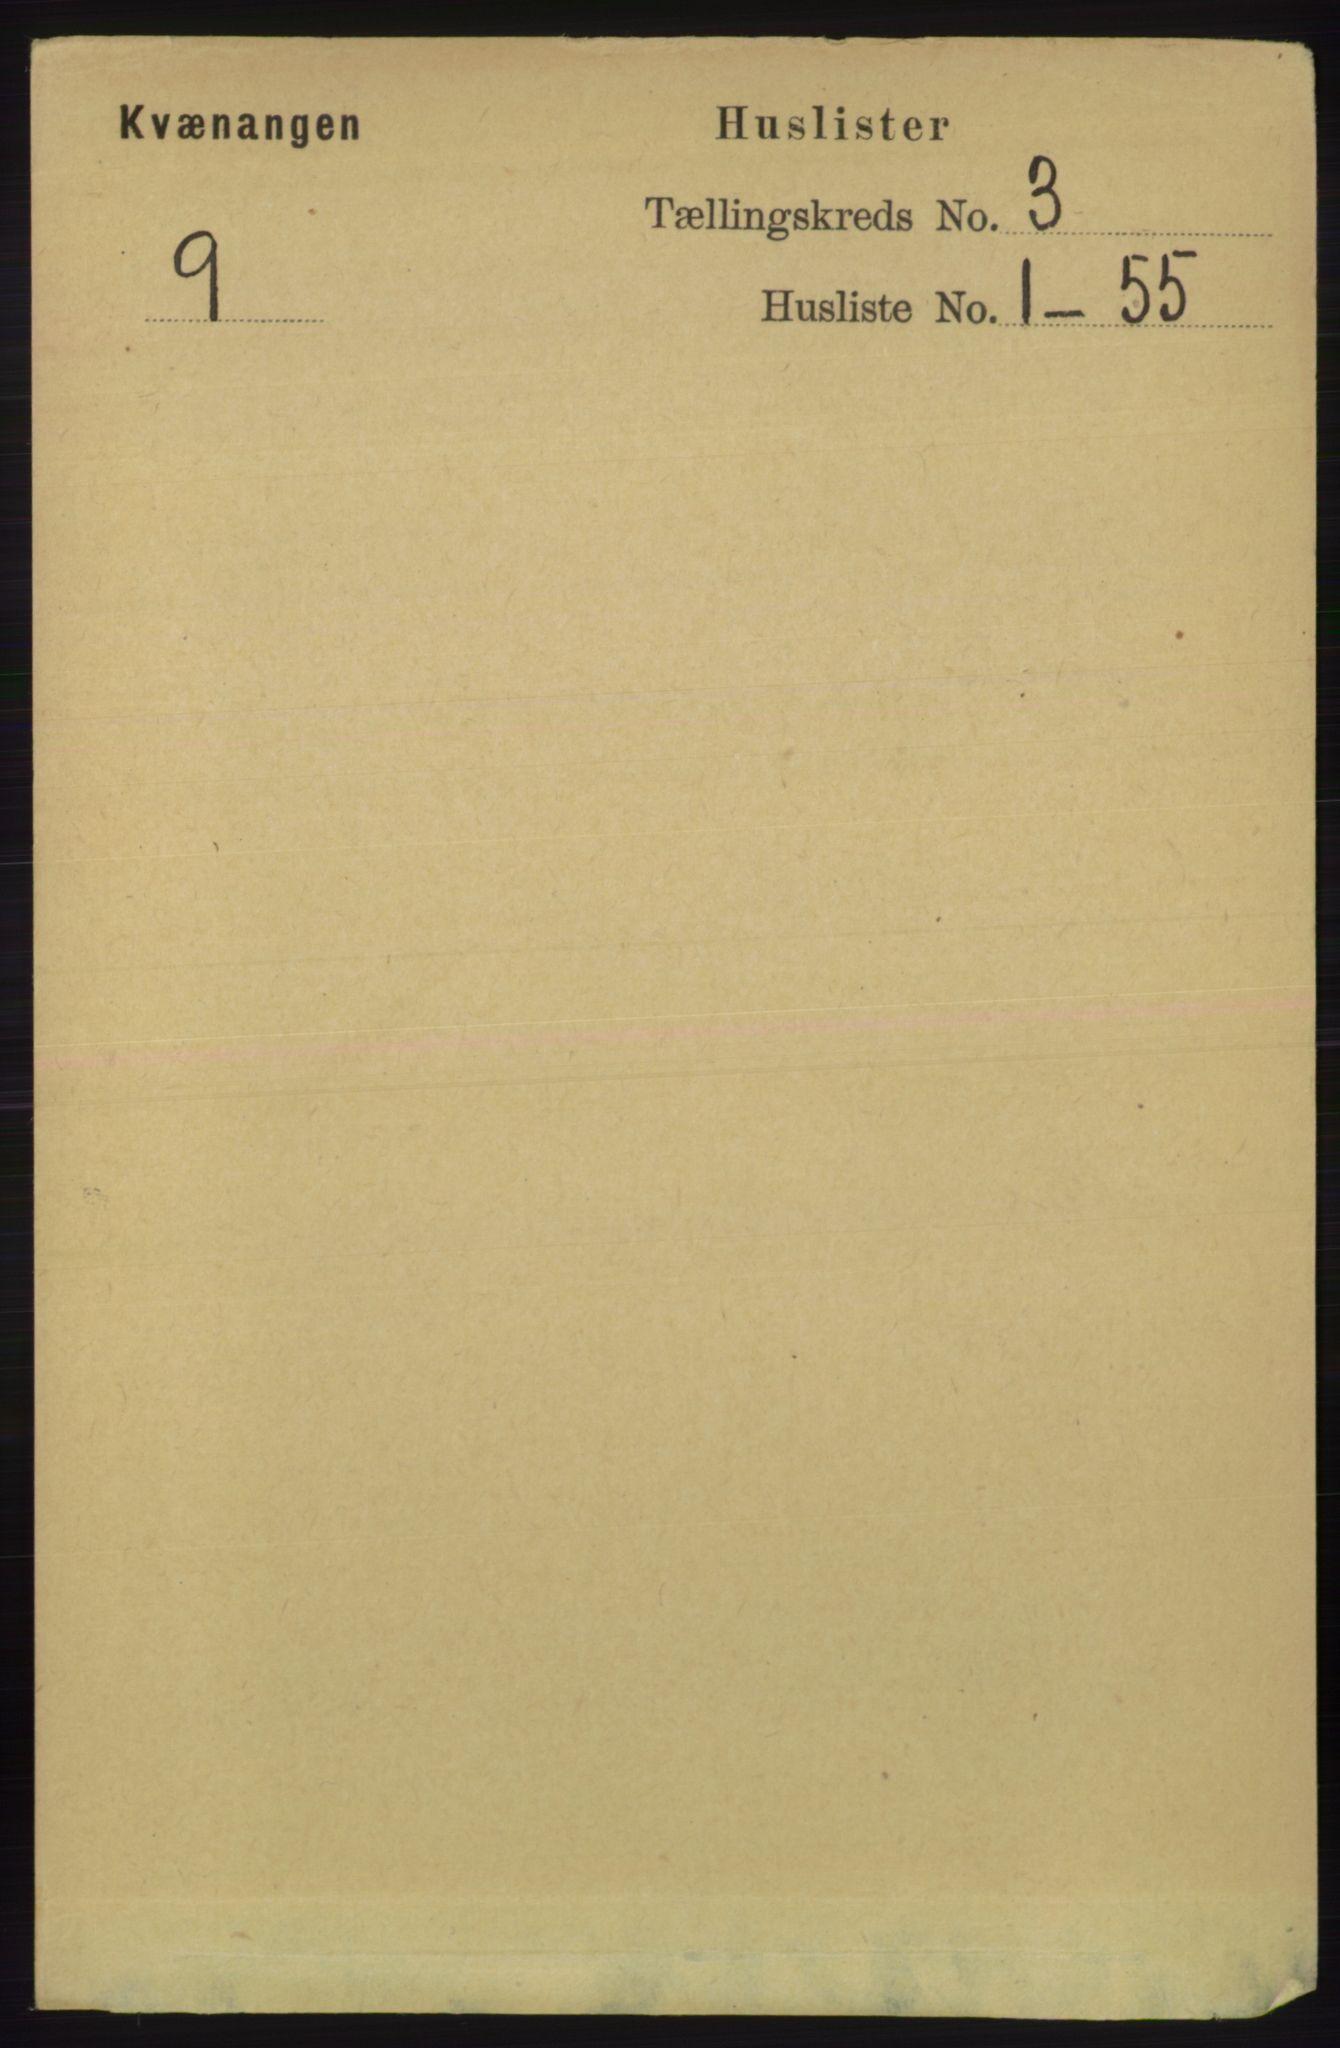 RA, Folketelling 1891 for 1943 Kvænangen herred, 1891, s. 1008